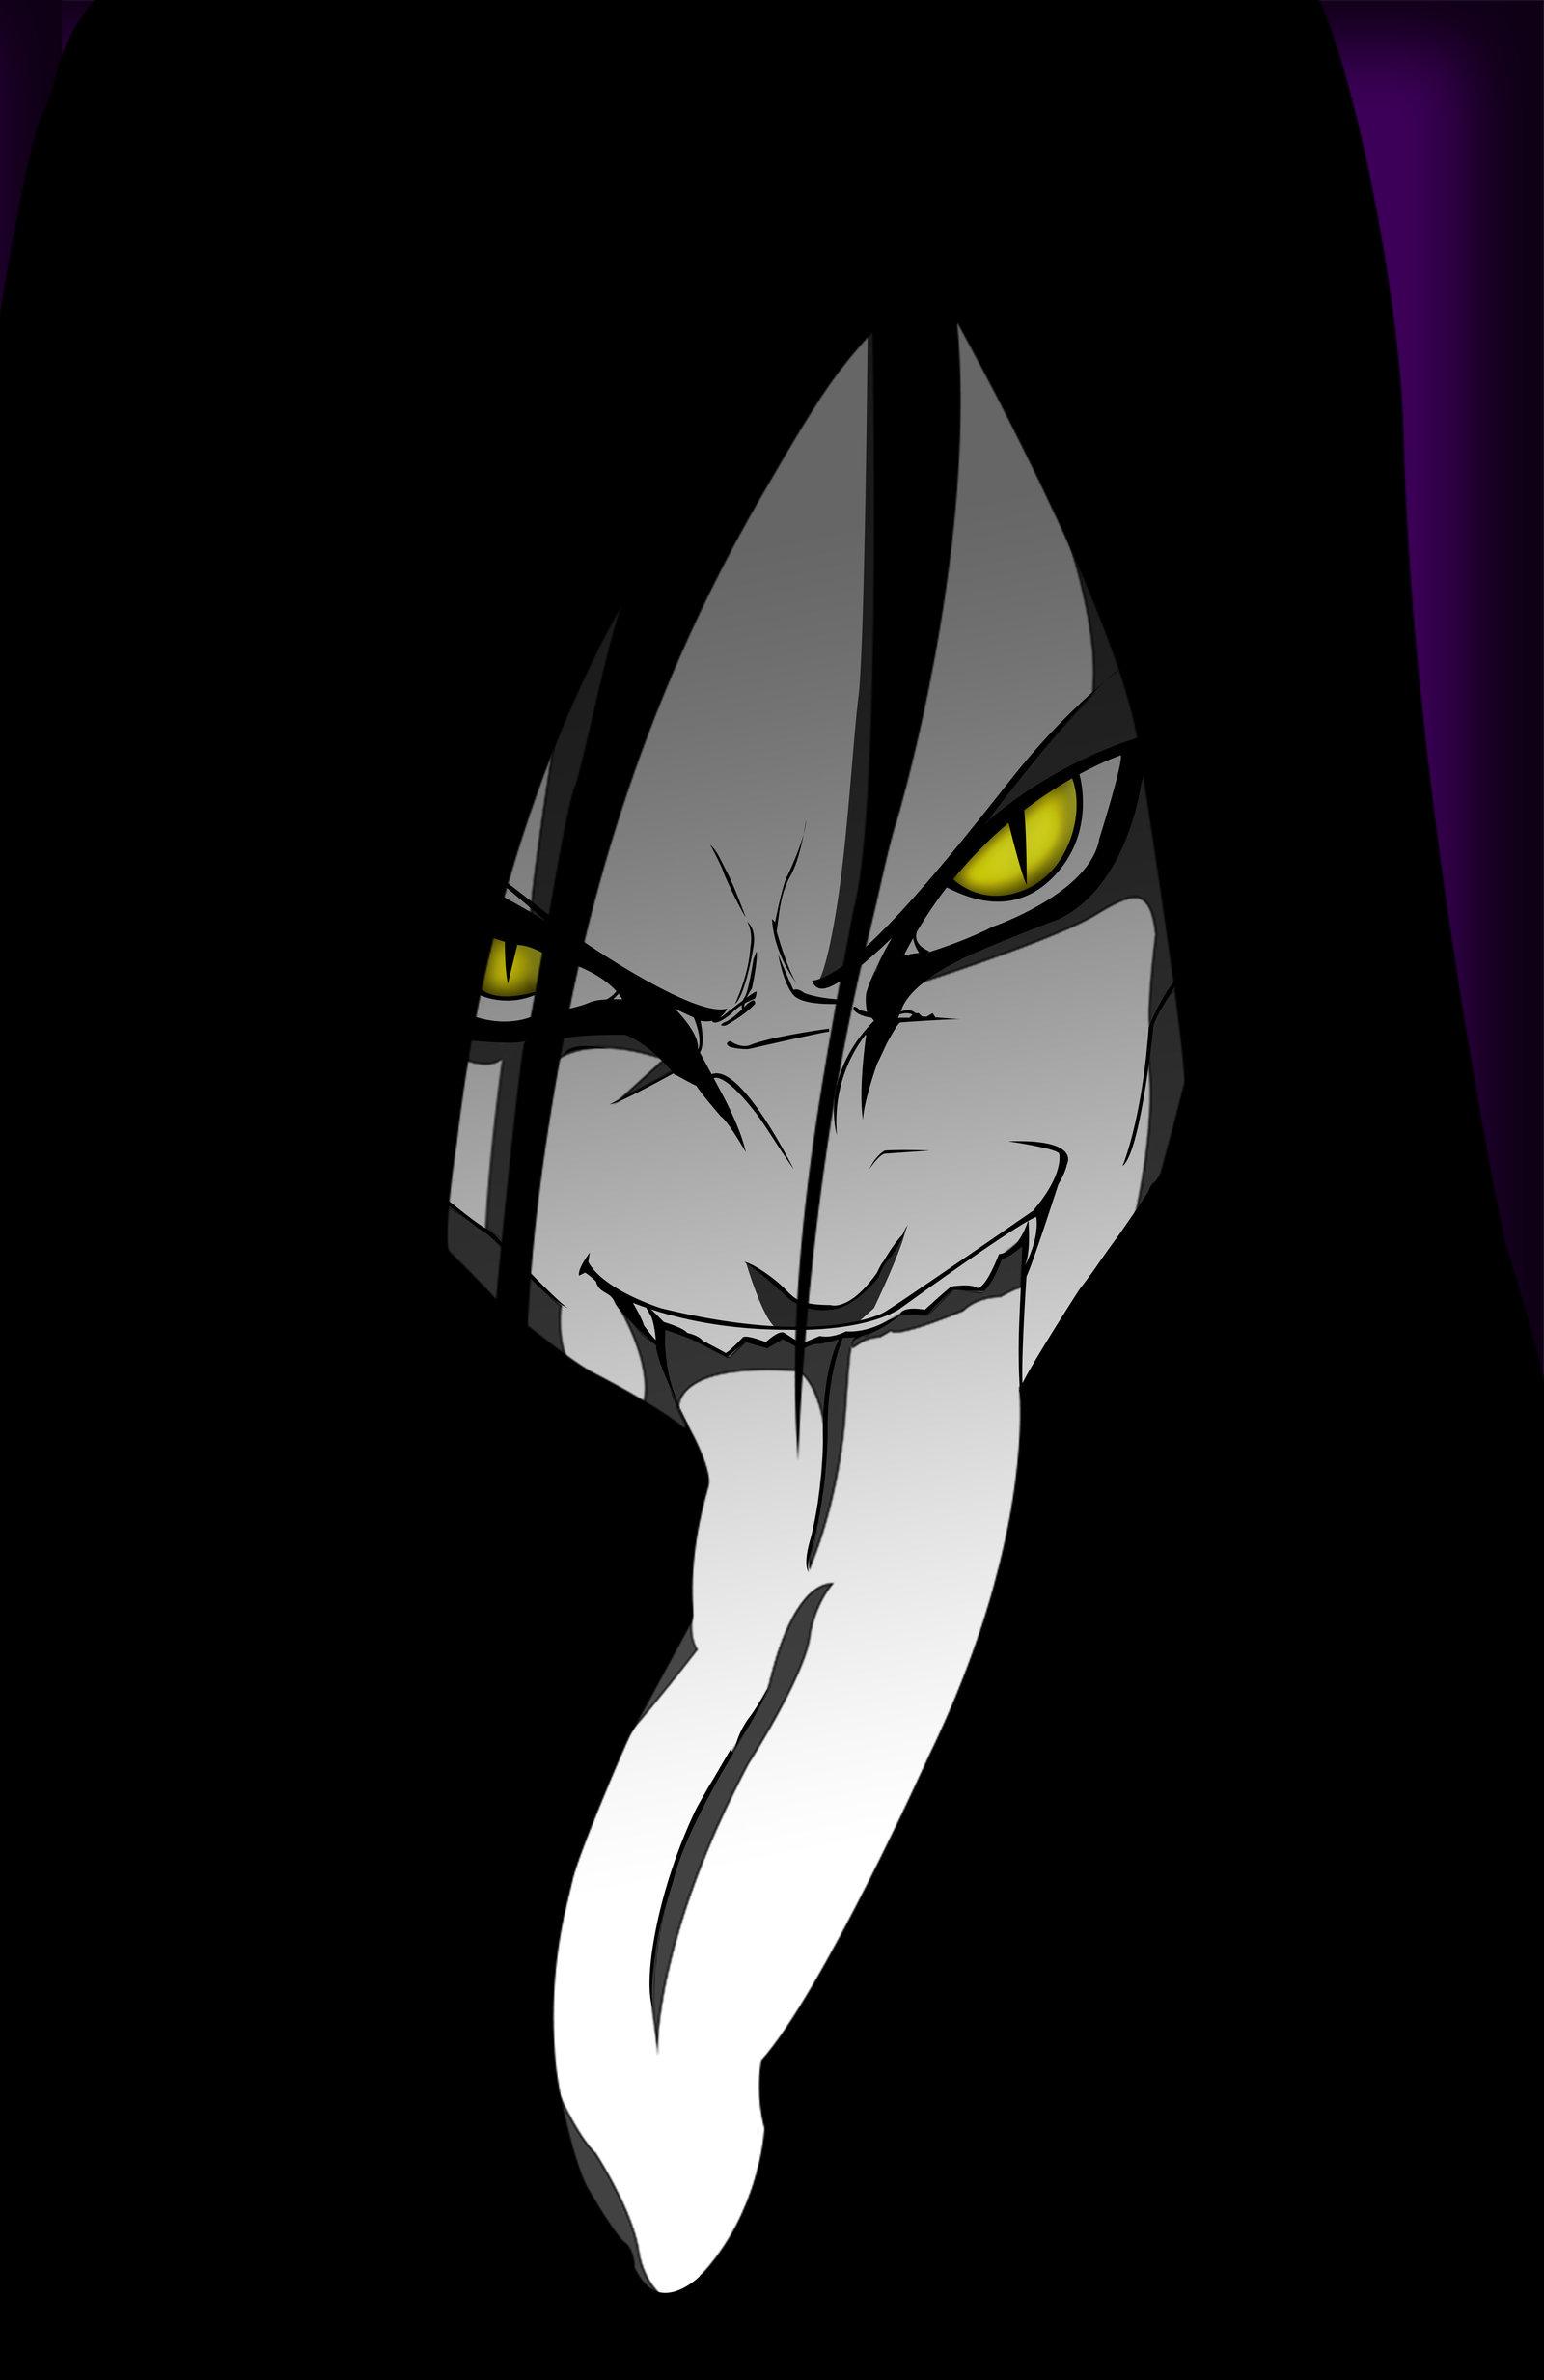 Naruto Shipuden Lost Episode: Orochimaru's Revenge by